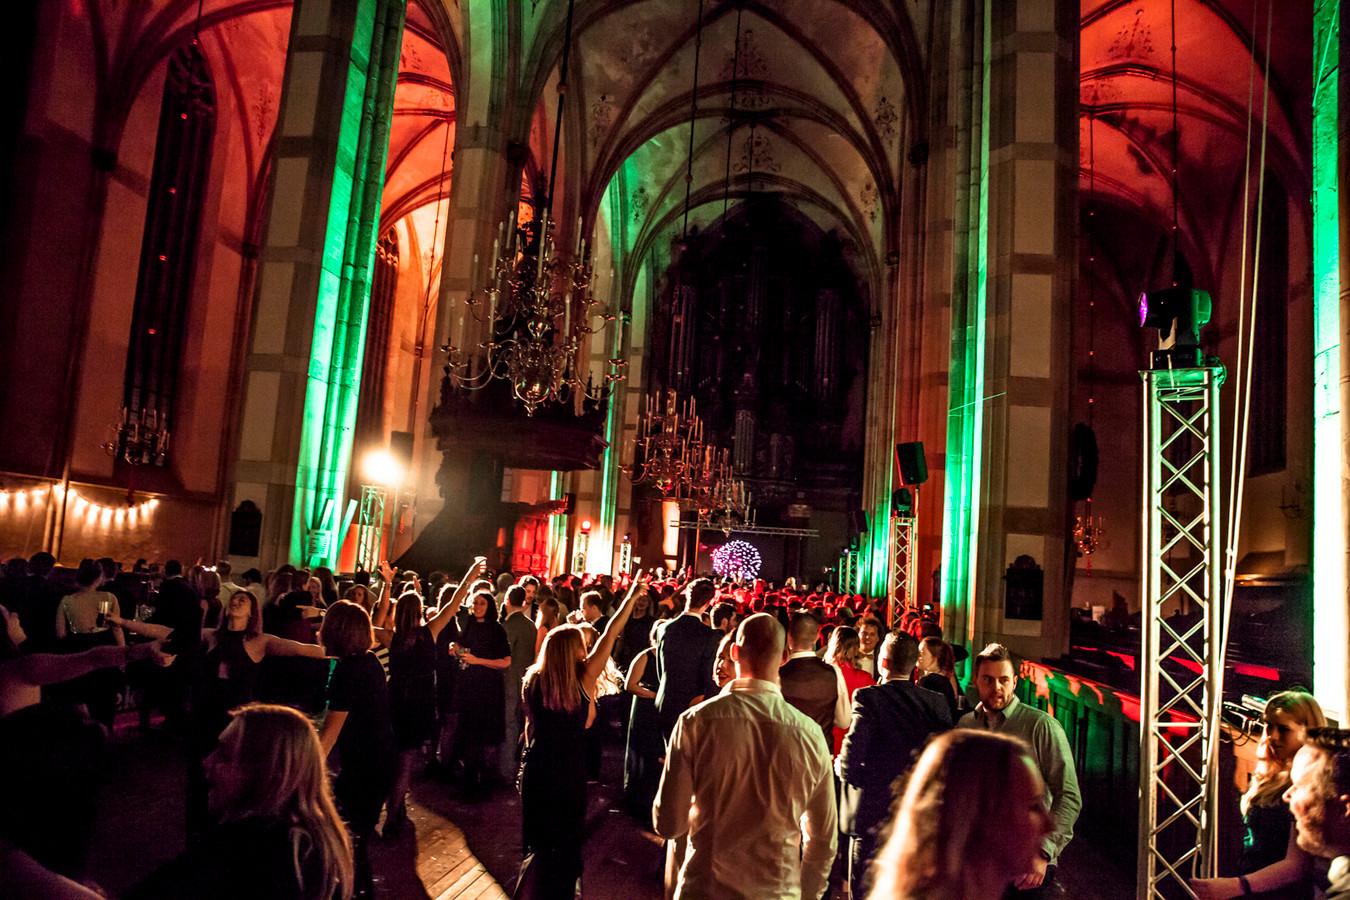 Nieuwjaarsfeest in de Grote Kerk.